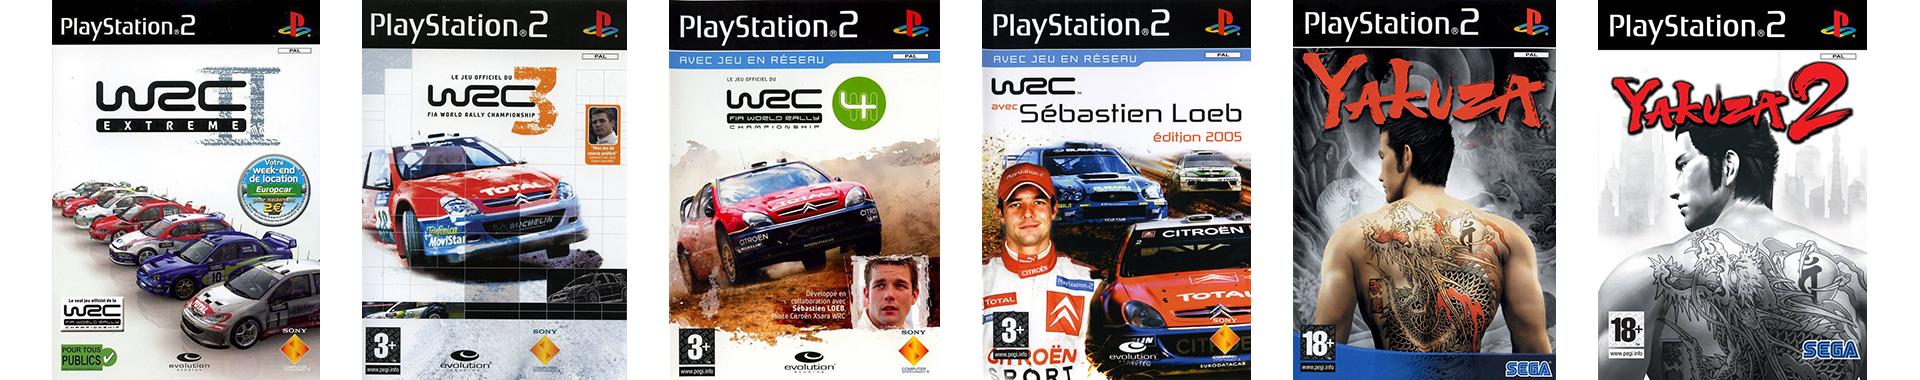 Jeux Exclusifs PS2